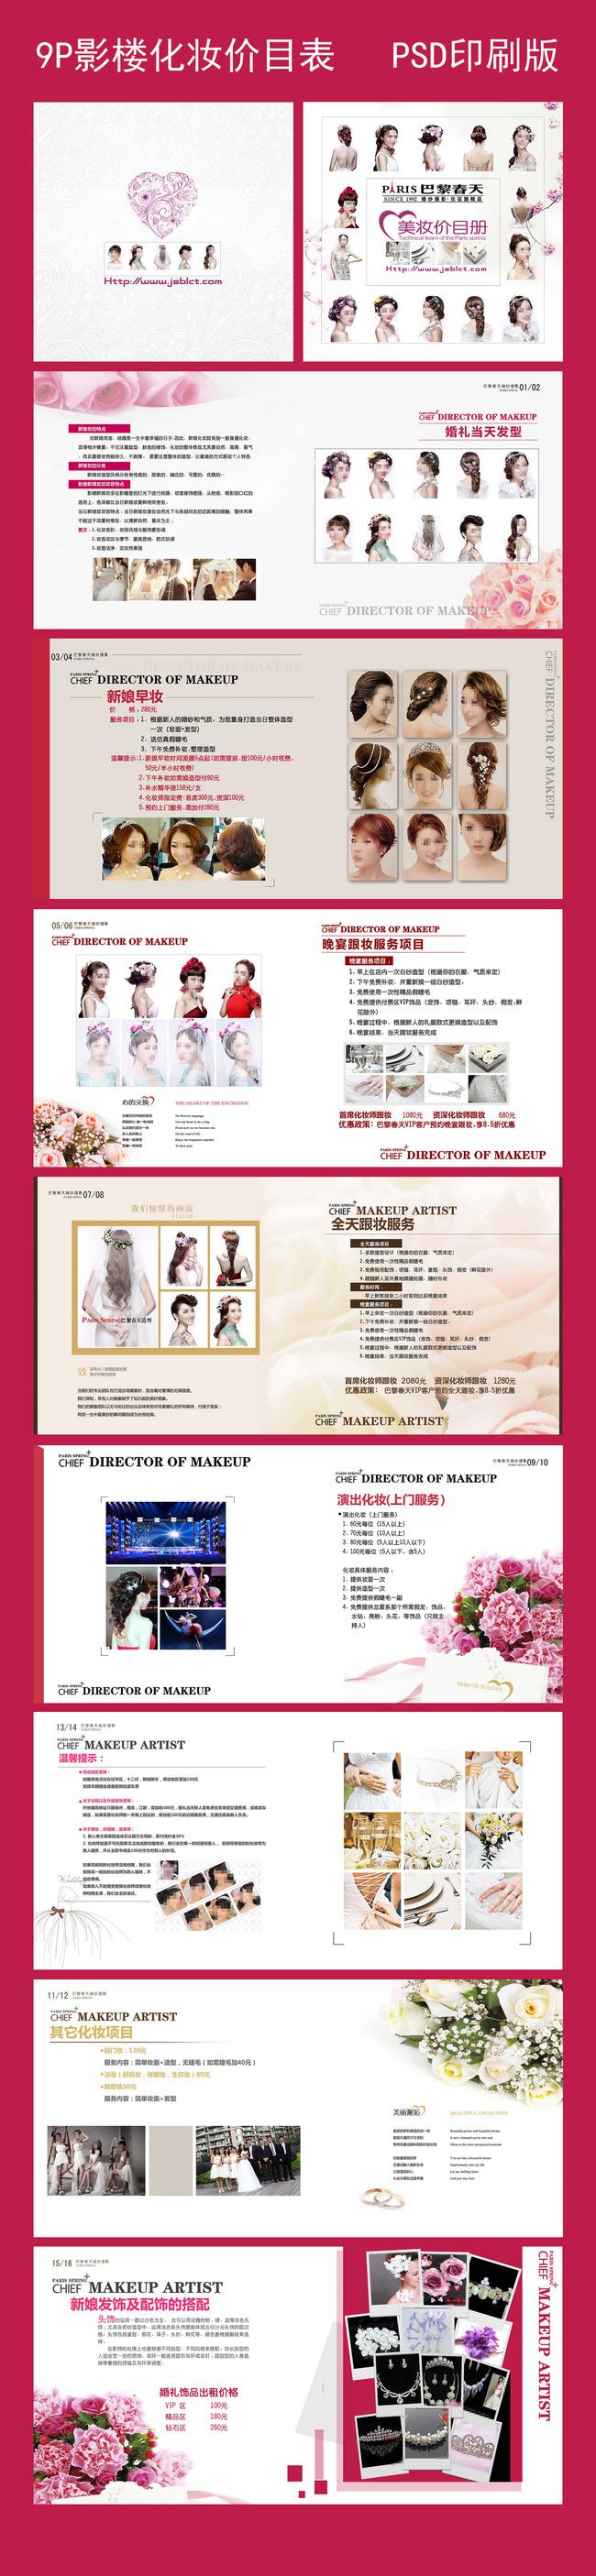 影楼化妆价目表模板下载(图片编号:12264976)_企业()